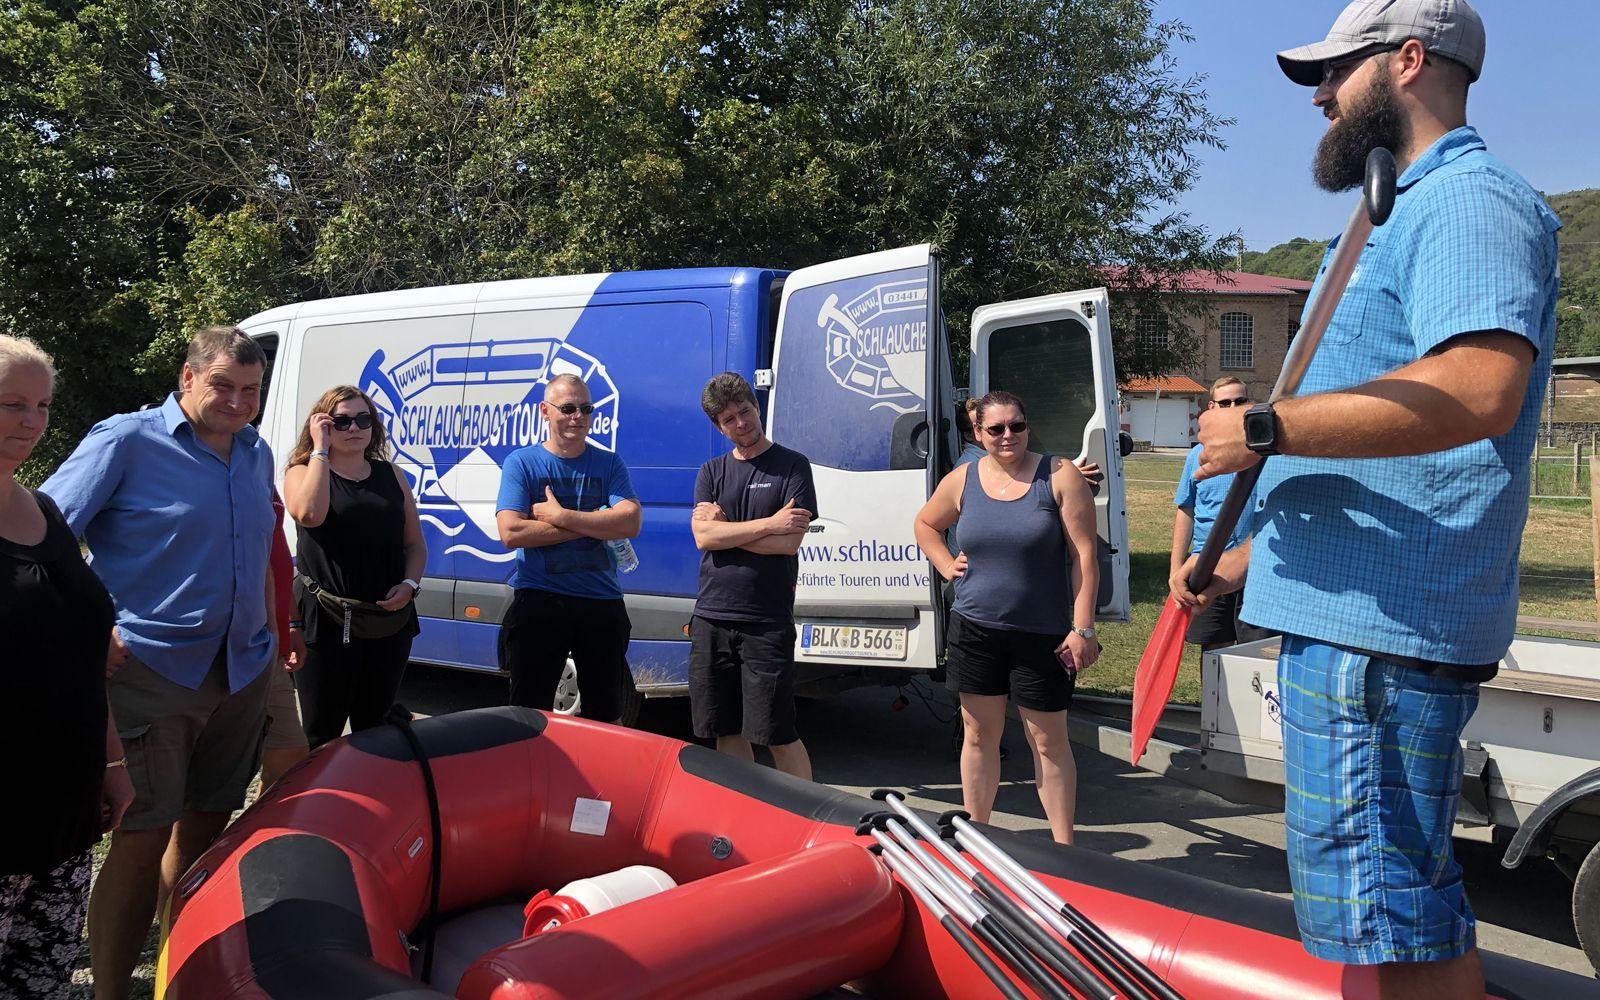 ©Foto: Jahn Krehl | Railmen-Tag 2019 | Rafting-Tour Einweisung durch den Guide